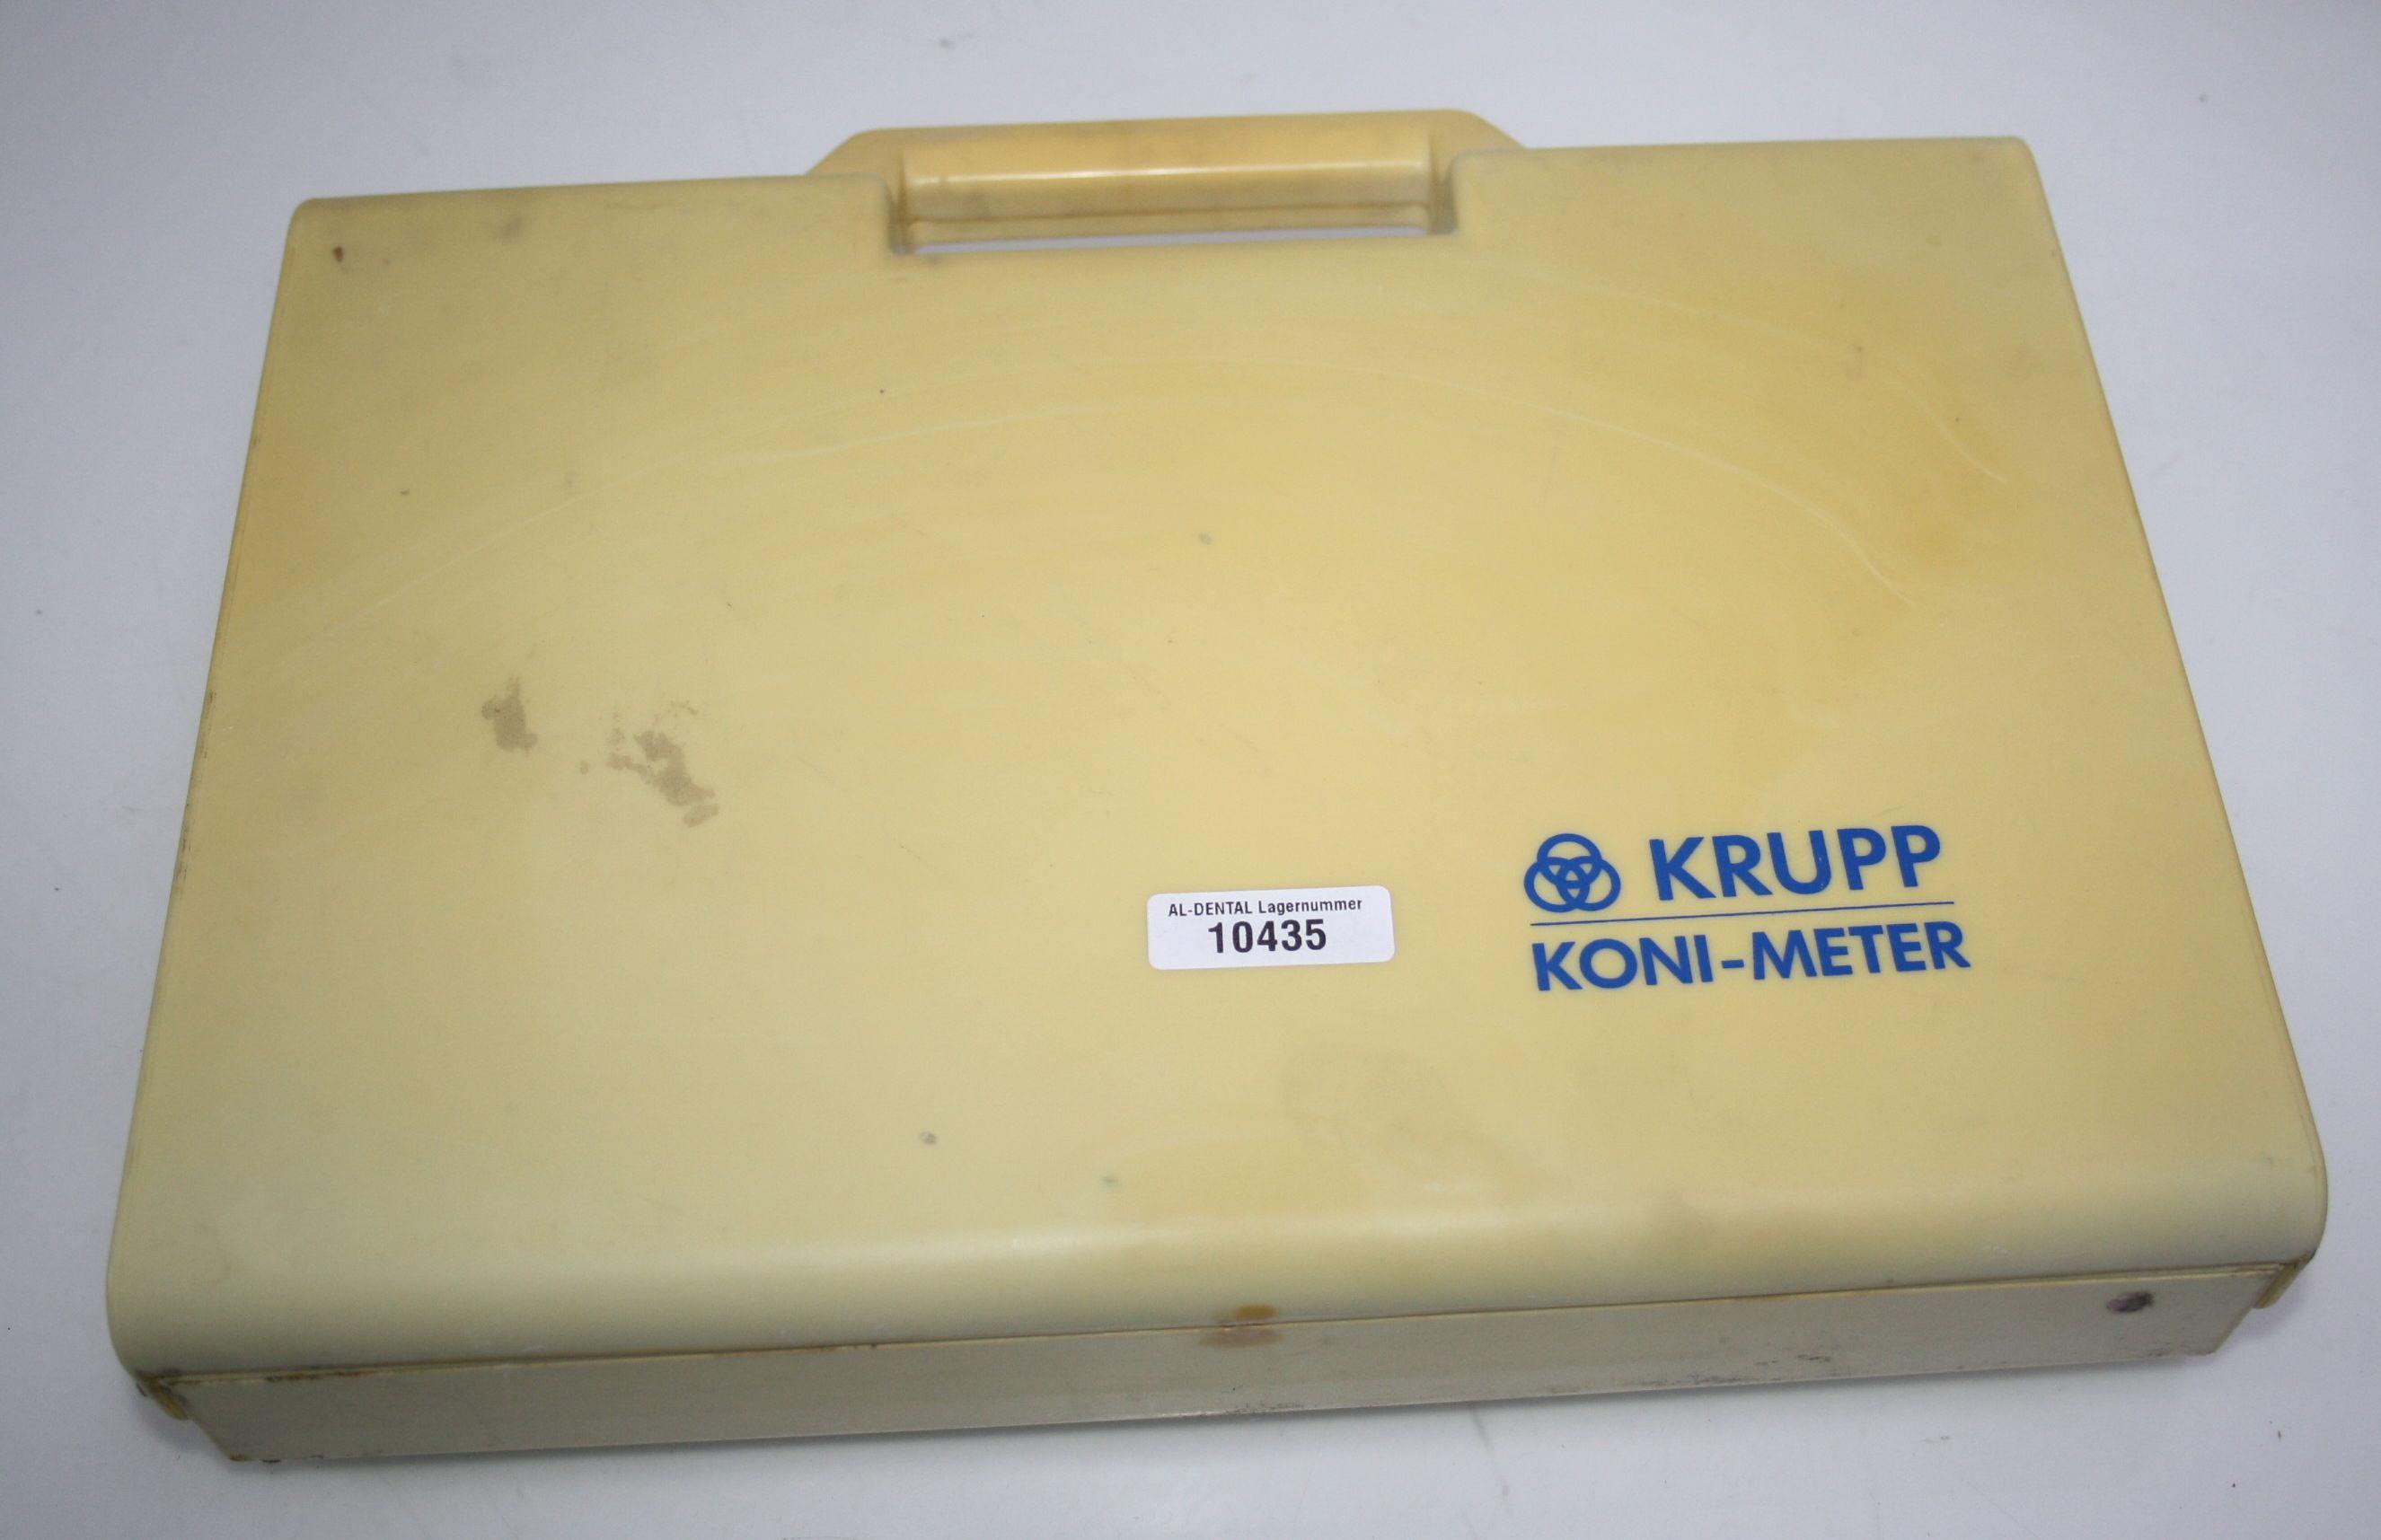 KRUPP Koni- Meter Friktionsmessgerät für Konuskronen # 10435